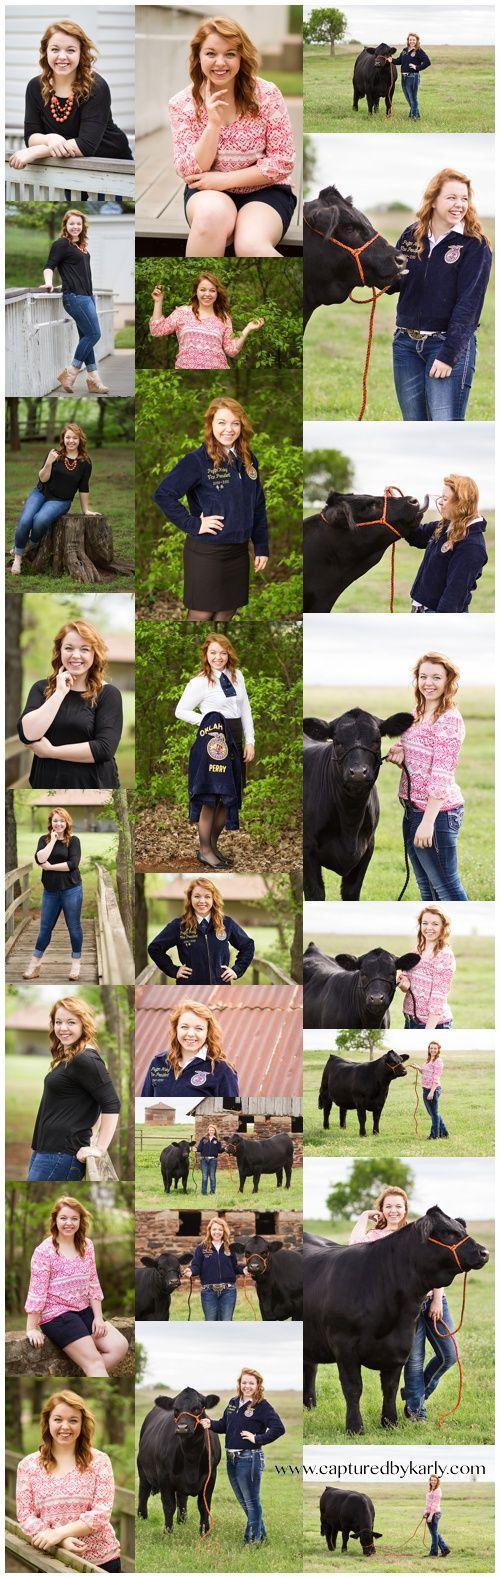 Senior girl portrait poses - Livestock Senior pictures - FFA Senior pictures - Perry Oklahoma Senior Photographer - Captured By Karly